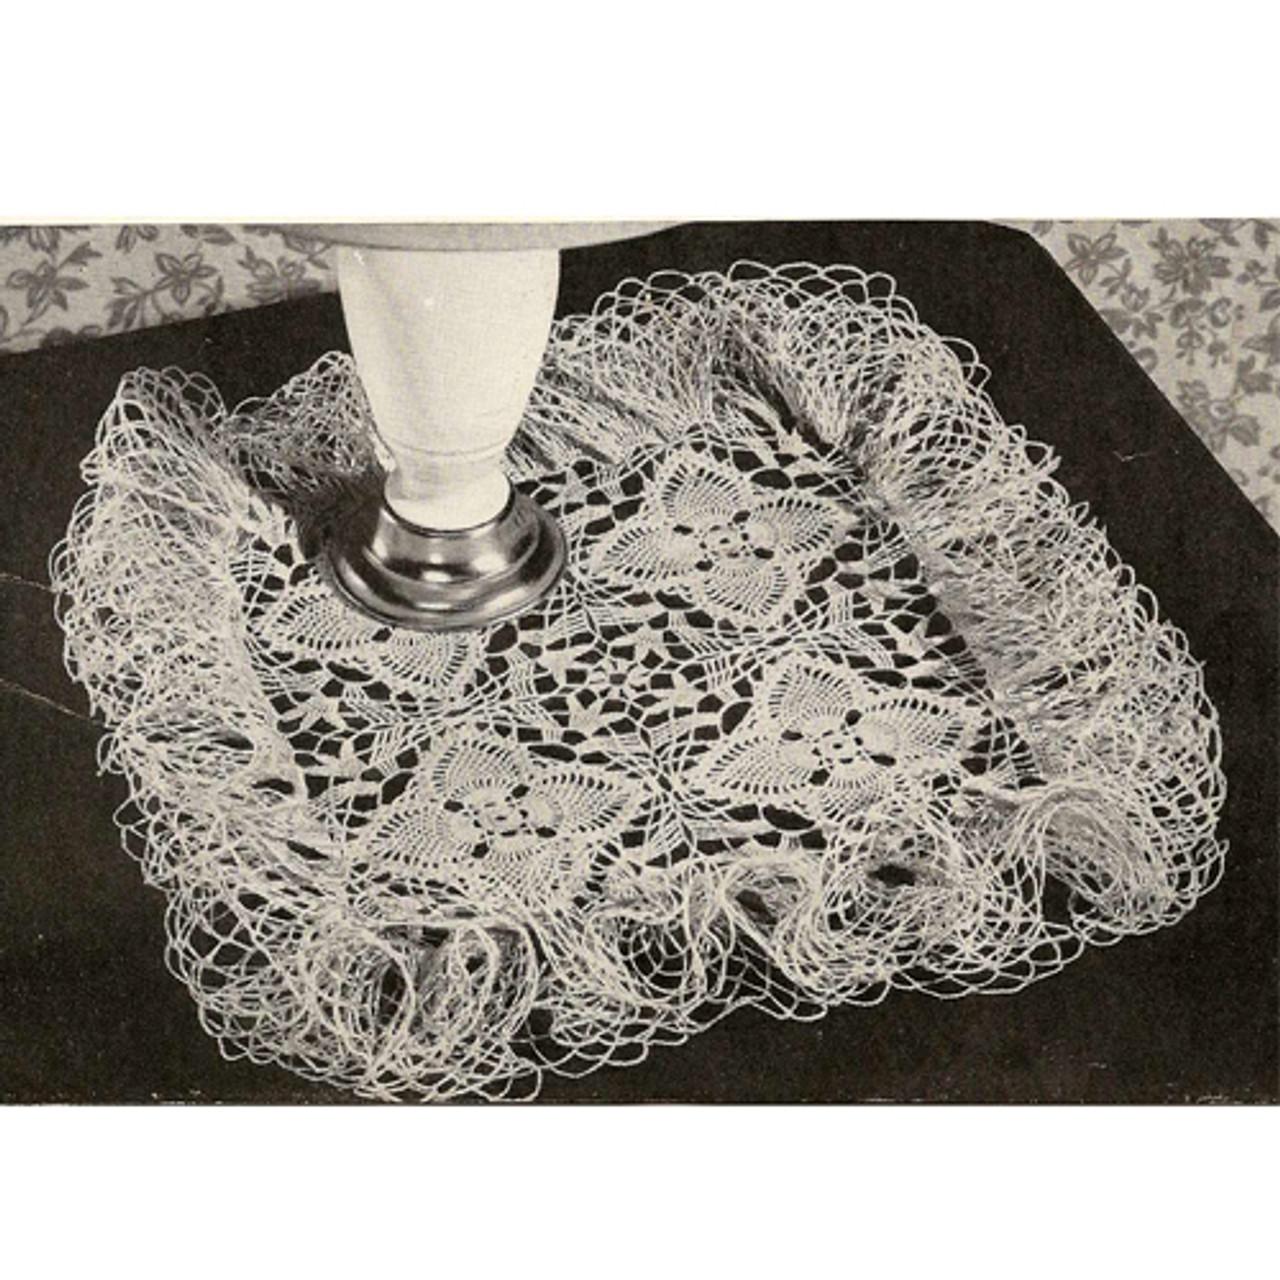 Flower Patch Ruffled Crochet Doily Pattern